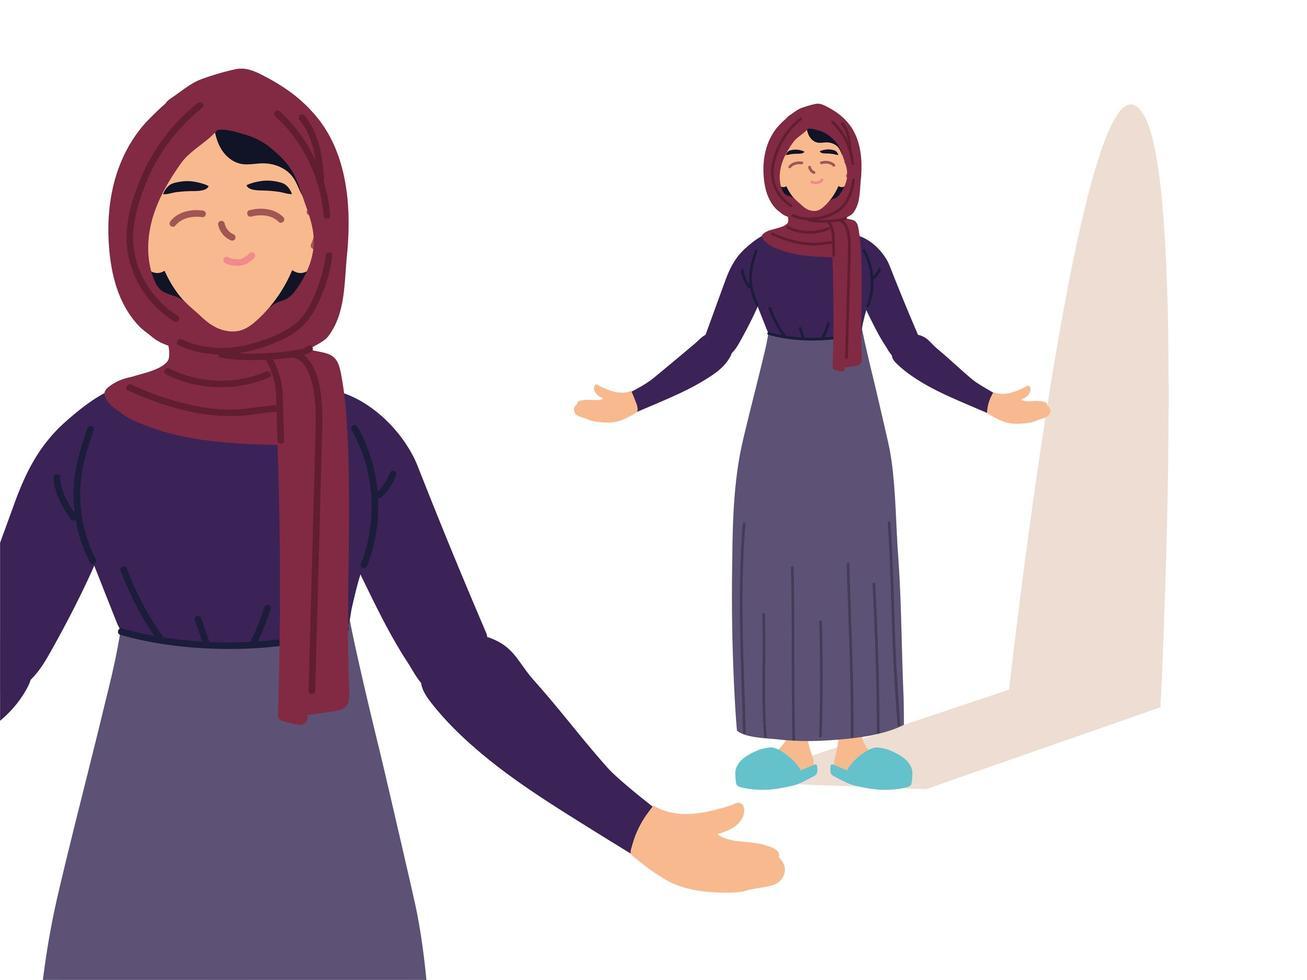 femme musulmane dans des poses différentes vecteur